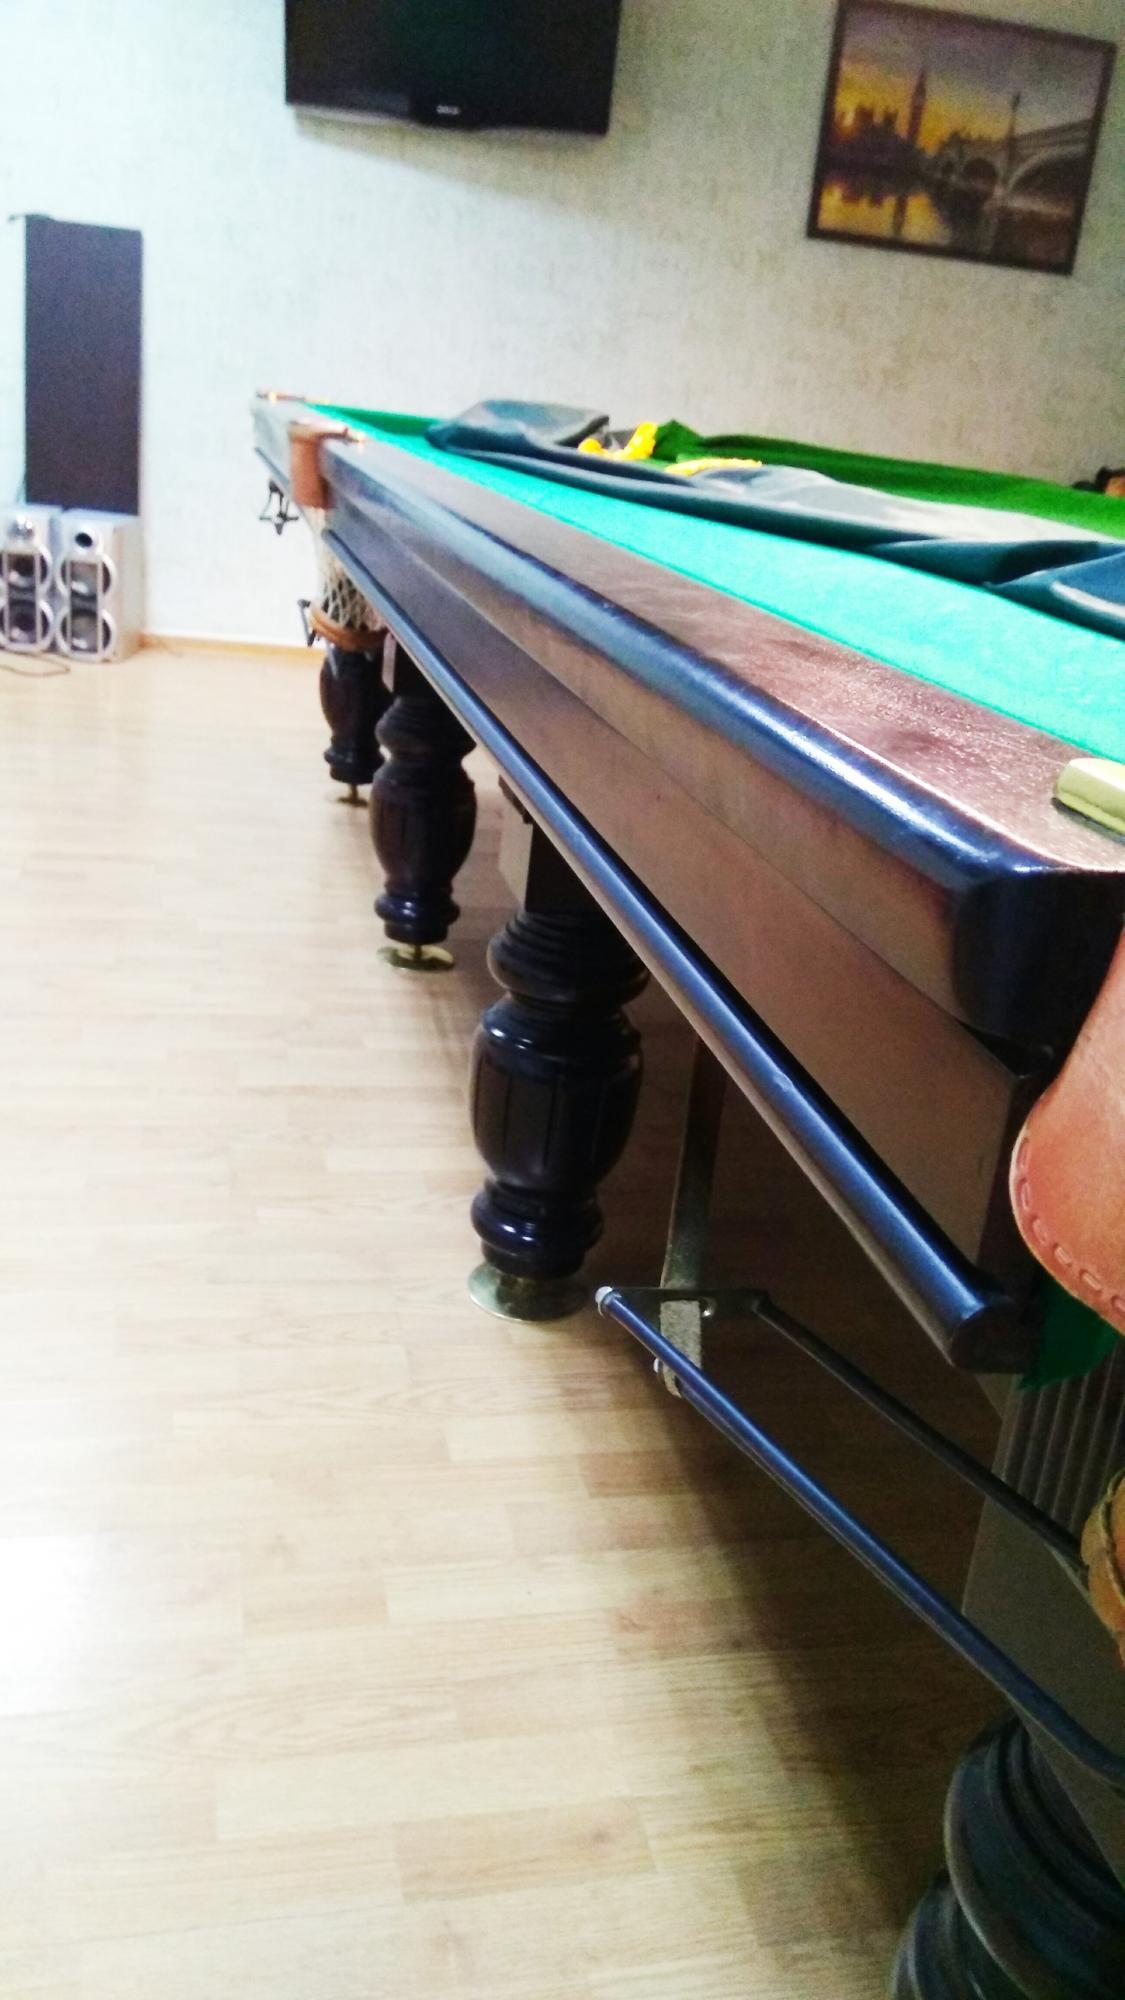 Бильярдный стол 12 футов в Москве 89895132143 купить 2